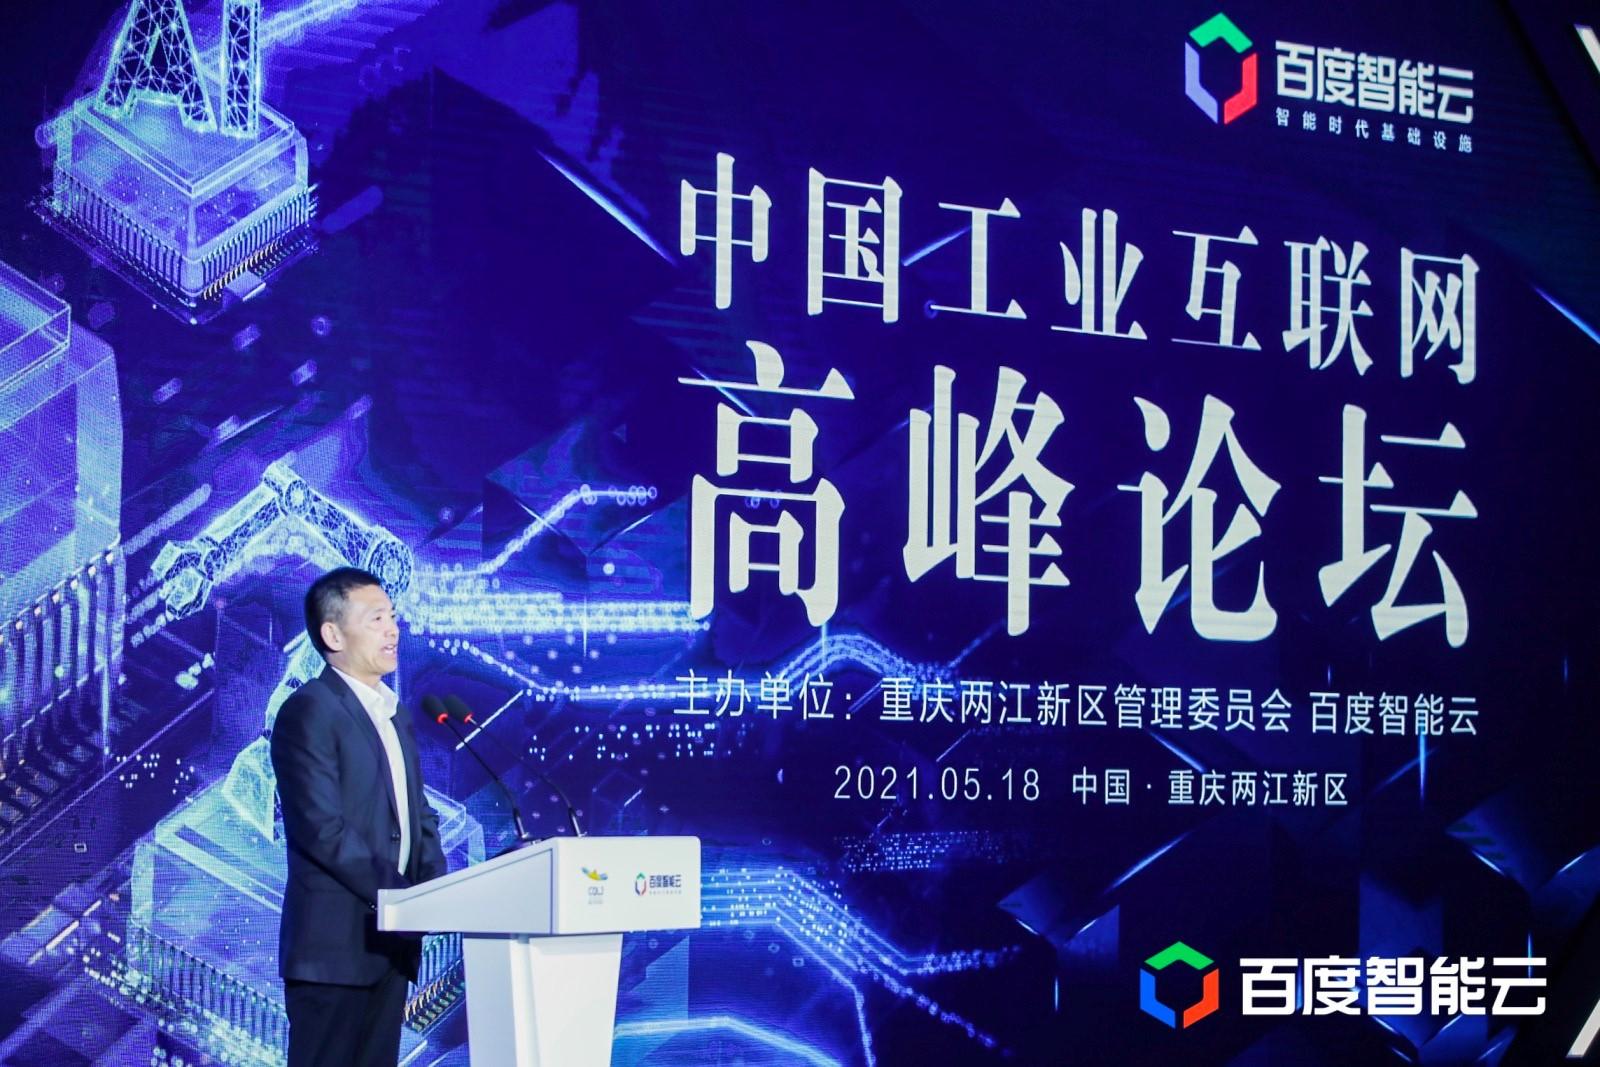 李顺:工业互联网应用进入产业窗口期